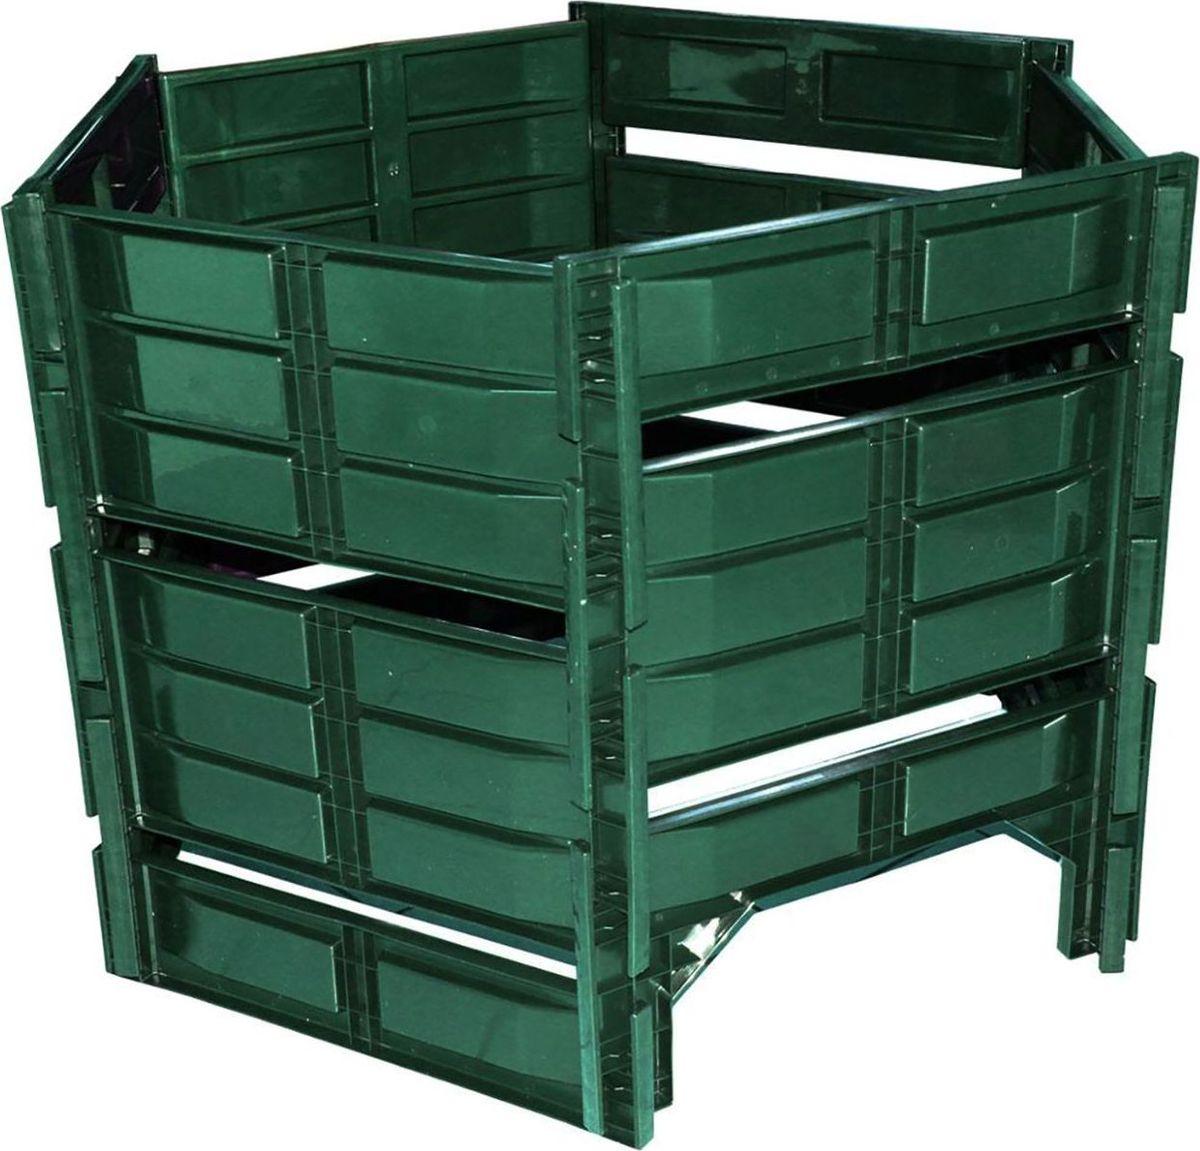 Ограждение для компостной кучи Альтернатива, цвет: зеленый, 810 л09840-20.000.00Далеко не всегда плодородие почвы соответствует ожиданиям. В таком случае садоводу приходится использовать удобрения. К счастью, нет необходимости всякий раз покупать дорогостоящие подкормки: бережливый садовод пользуется компостом.Компост — это уникальное органическое удобрение, которое обогащает почву гумусом. Он может частично или полностью заменить собой навоз, который сейчас поднялся в цене, а также минеральные удобрения и привозимую специально плодородную почву.Удобрение образуется в компостной куче, где протекают биохимические реакции разложения. Для того чтобы этот процесс шёл наиболее эффективно, рекомендуется следовать некоторым рекомендациям:ящик для компостной кучи желательно поставить в тенистом местечкепозаботьтесь о правильном соотношении азота и углерода. Углерод сконцентрирован в растениях, опилках и соломе. Азот же содержится в навозе, костной муке, птичьем помёте, гороховых и бобовых стеблях.Для наиболее быстрого образования компоста компоненты следует укладывать в определённом порядке: сорняки — навоз — зола — земля.Земля с благодарностью отвечает тому, кто не страшится работы. Закажите ограждение «Компостер», и вам не придётся тратить лишние деньги!